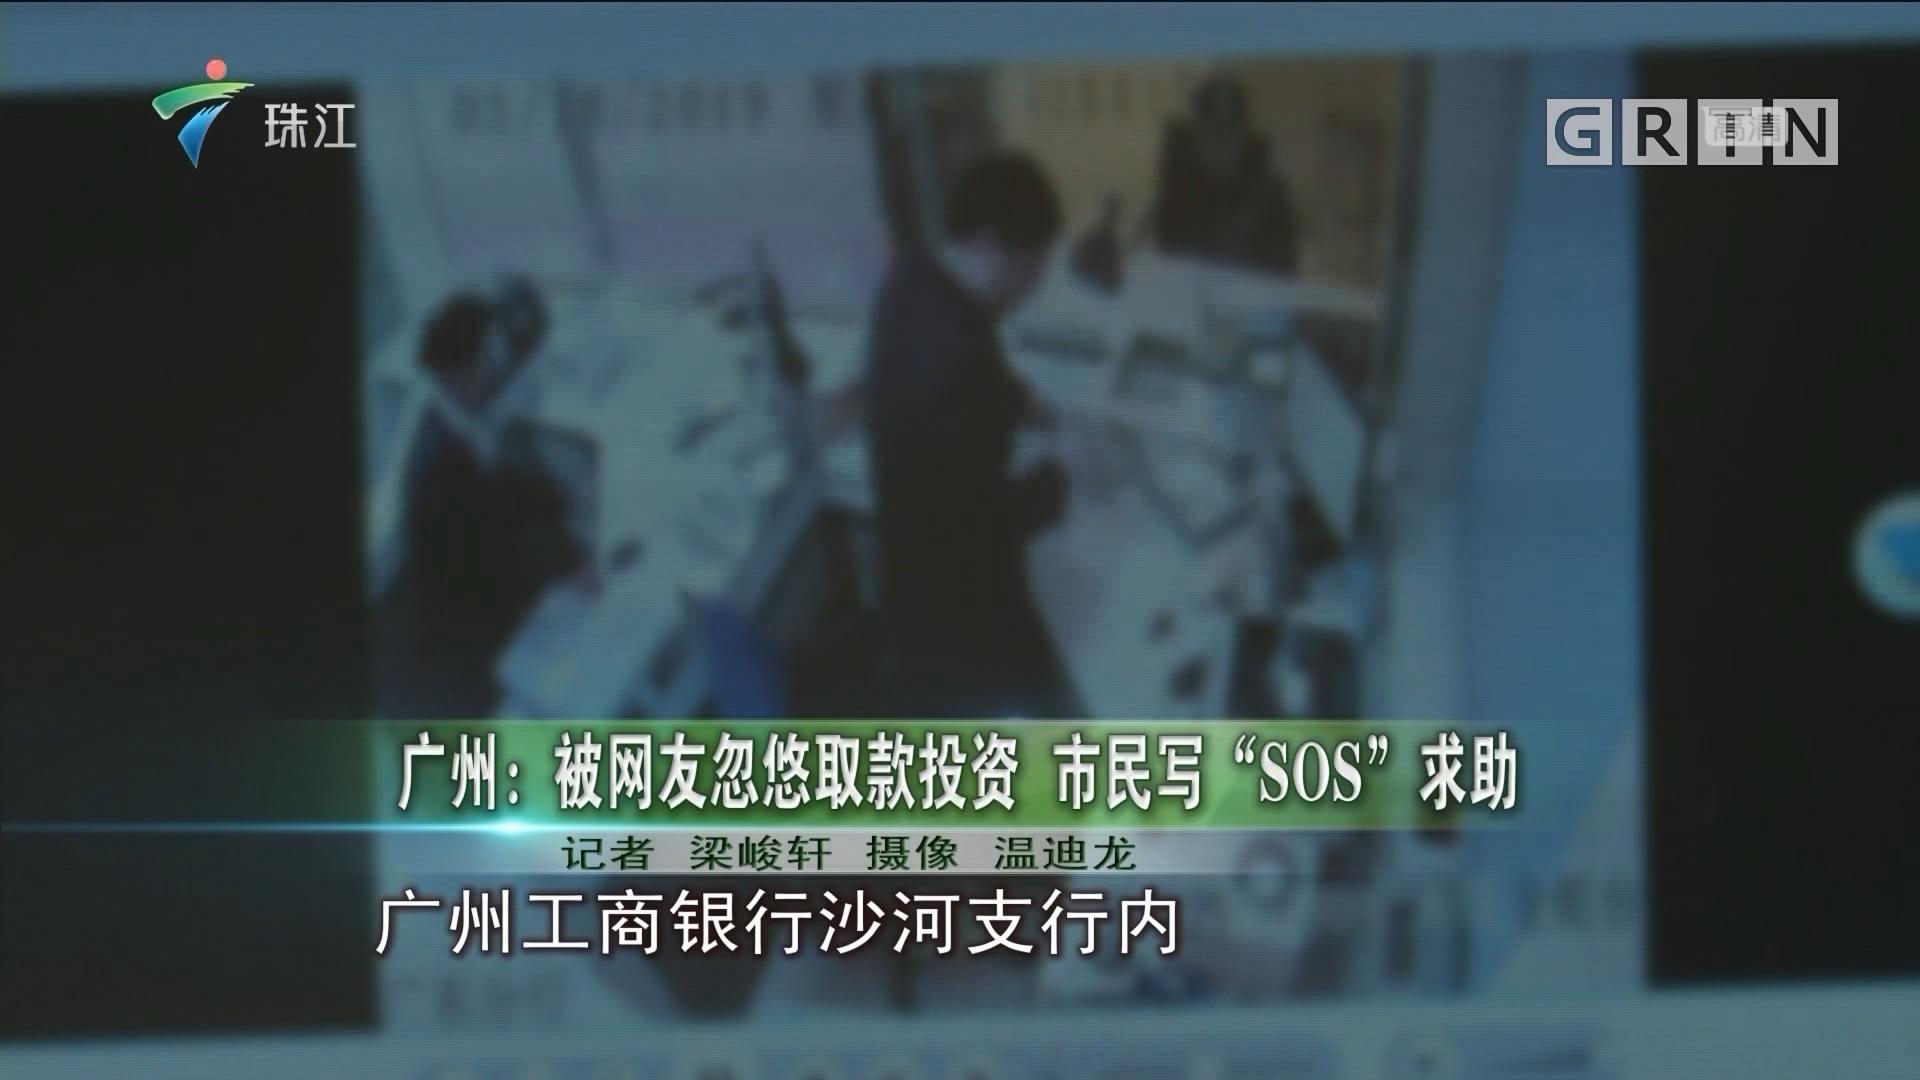 """广州:被网友忽悠取款投资 市民写""""SOS""""求助"""